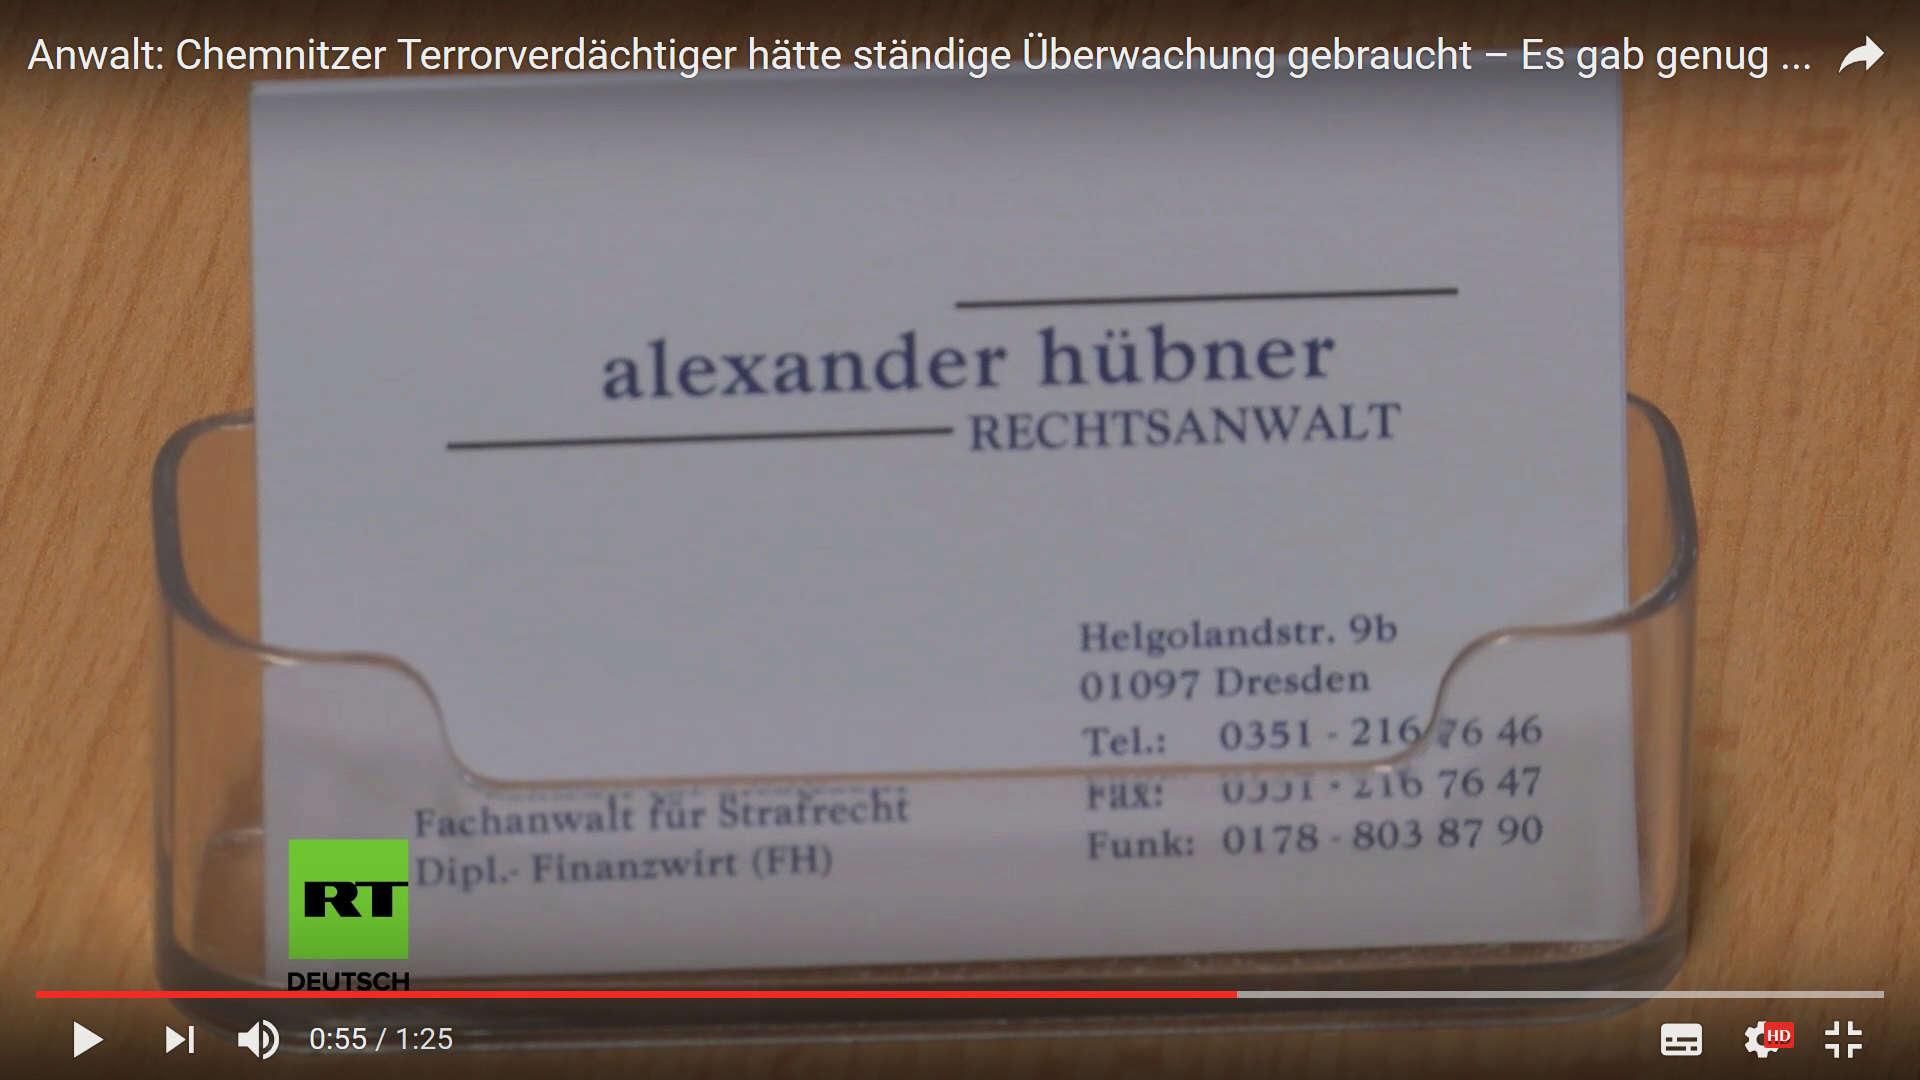 BRD under attack – Terror und Panik: München, Würzburg, Ansbach, Reutlingen - Seite 5 Alex10